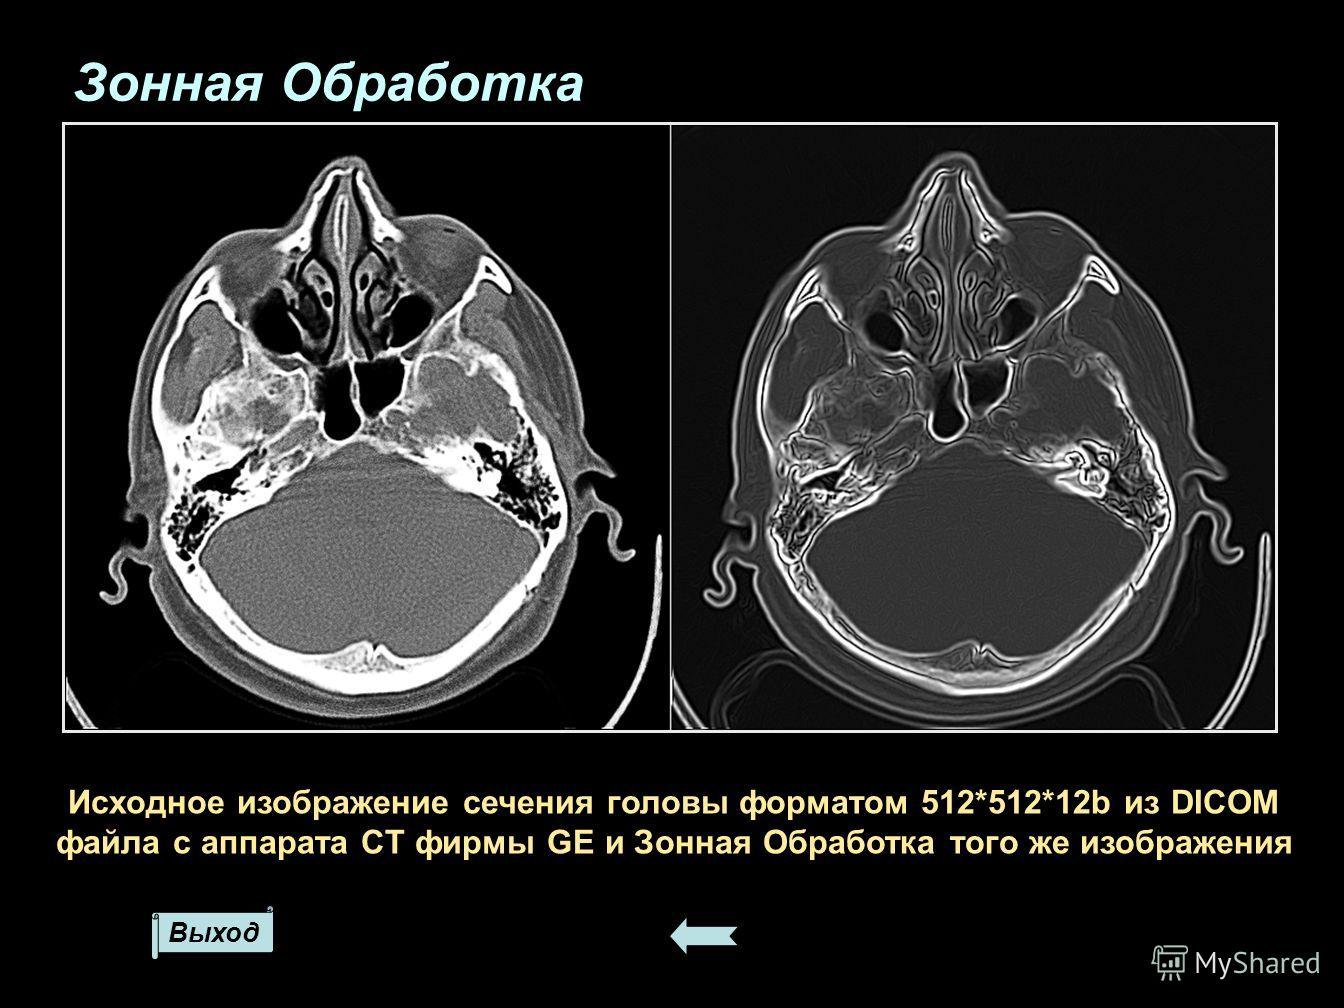 Выход Исходное изображение сечения головы форматом 512*512*12b из DICOM файла с аппарата CT фирмы GE и Зонная Обработка того же изображения Зонная Обработка